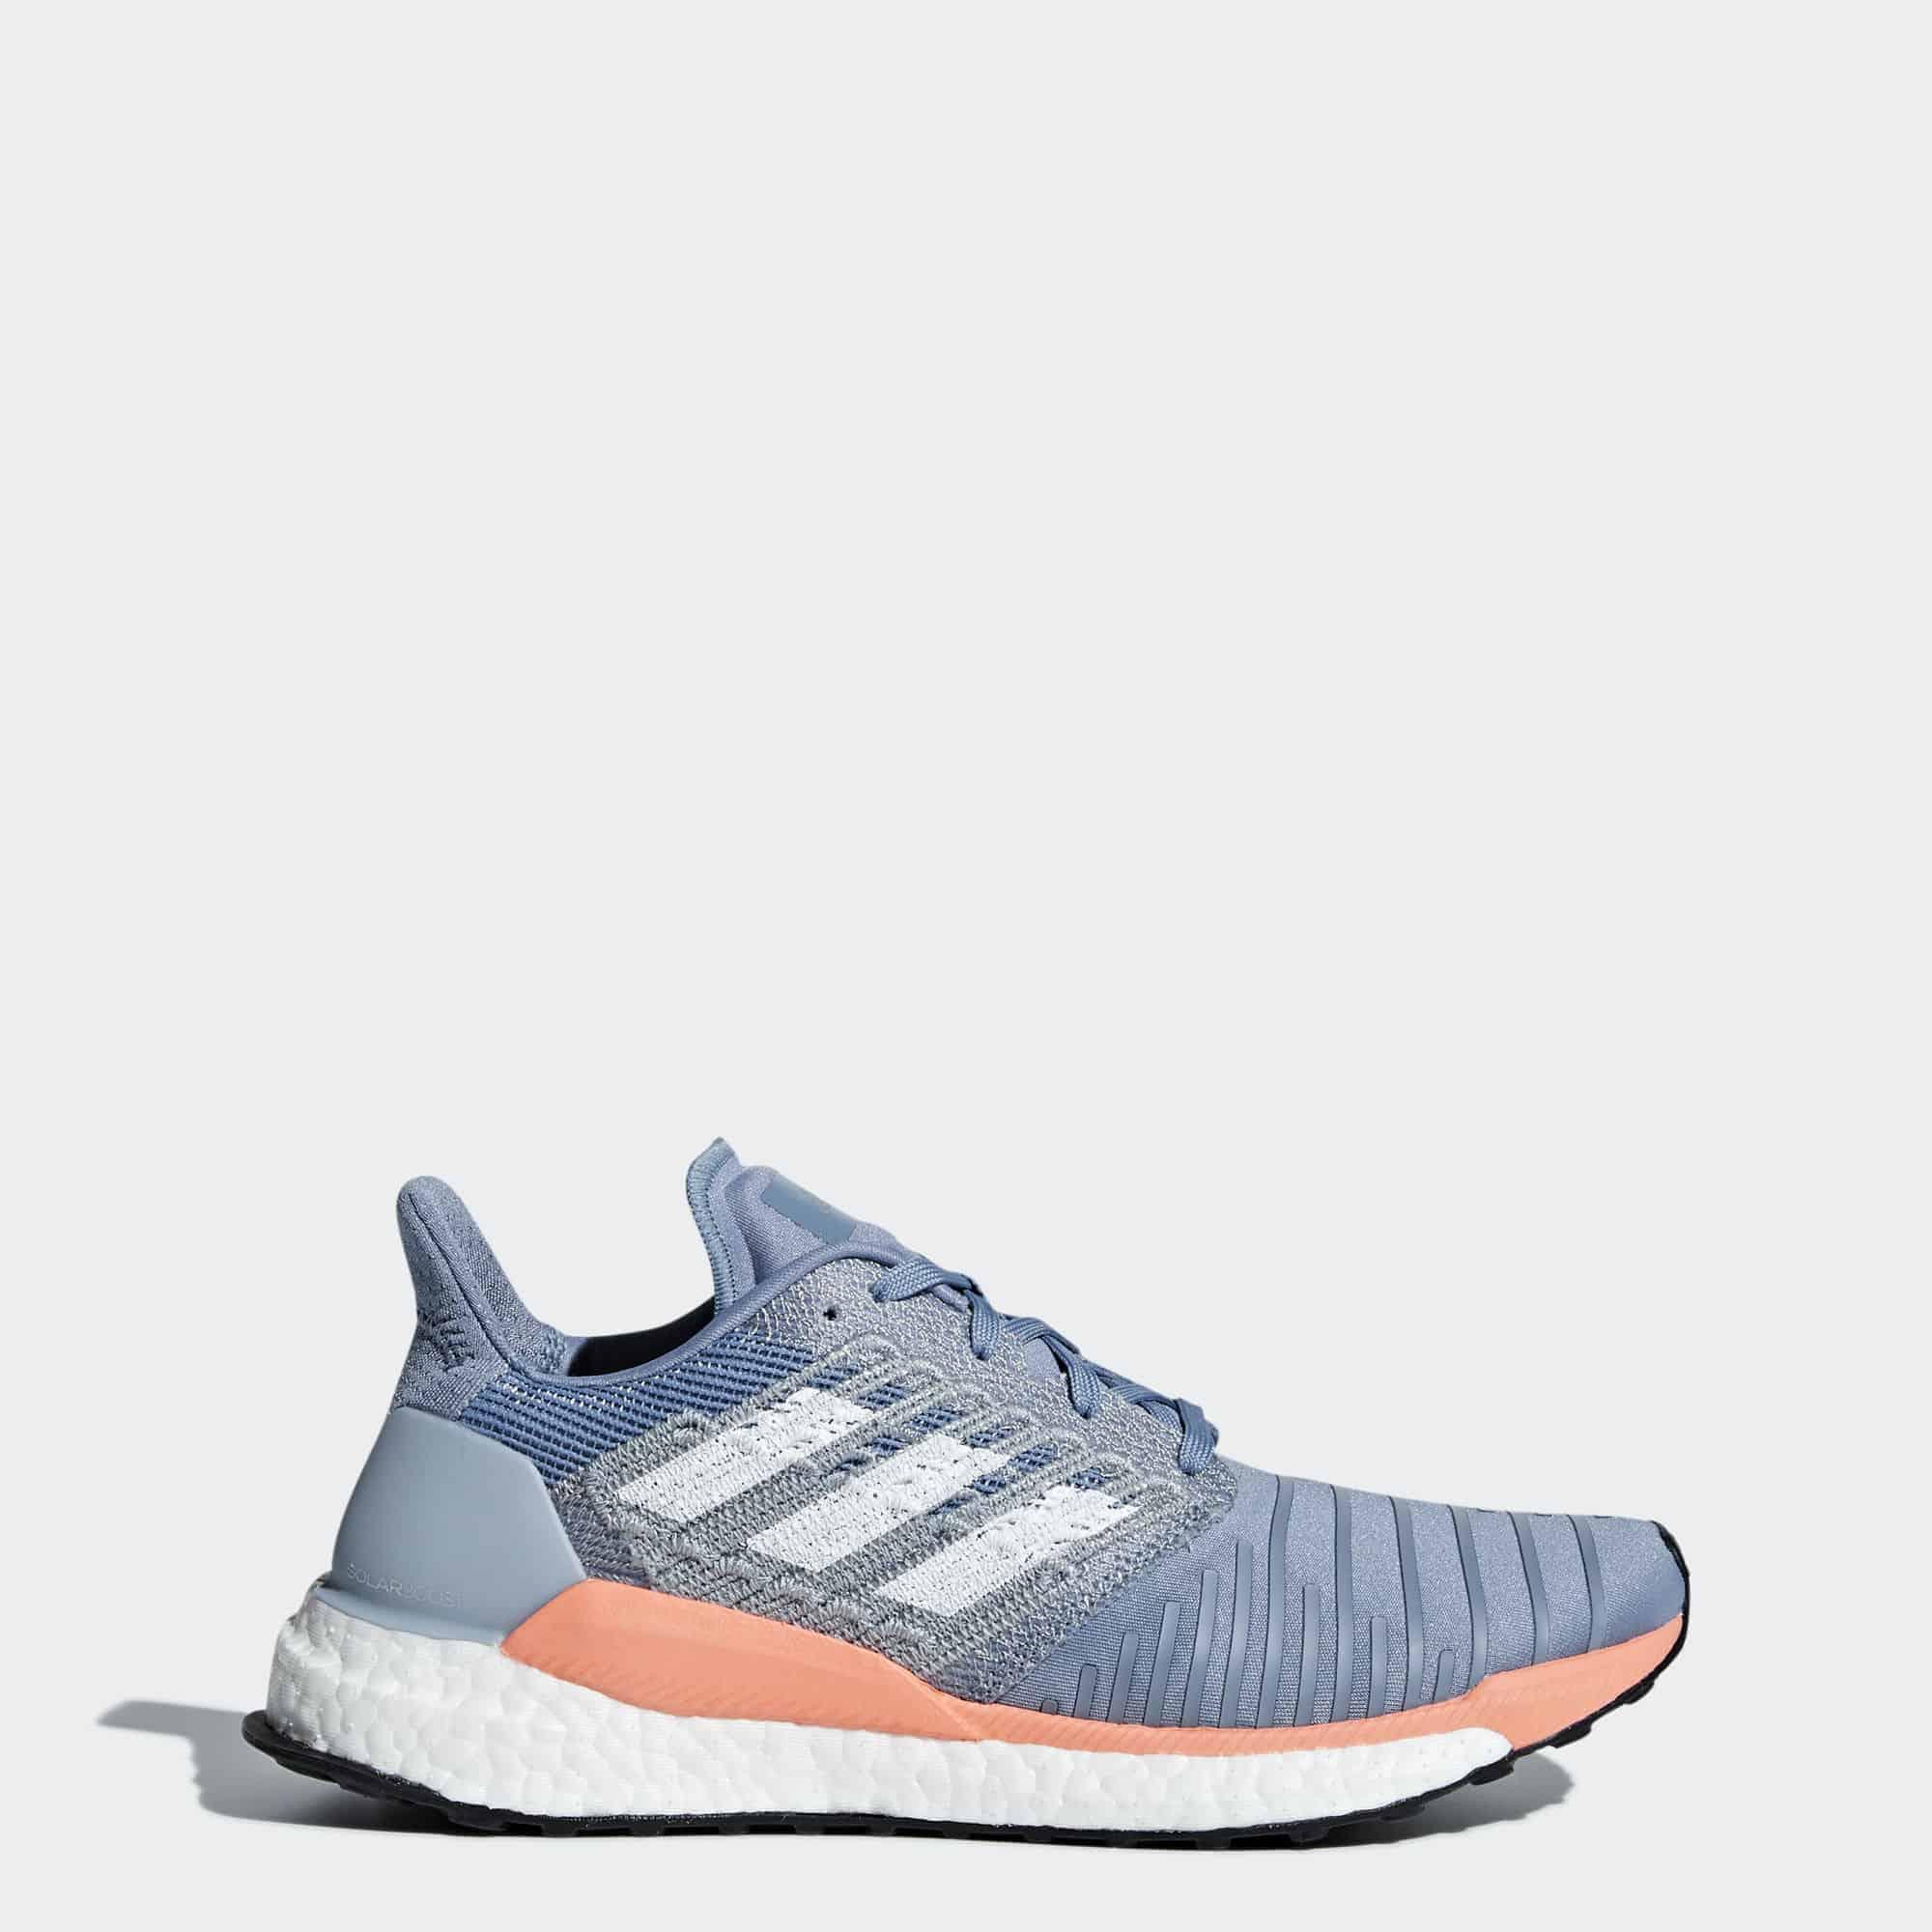 Кроссовки для бега Adidas SolarBoost женские